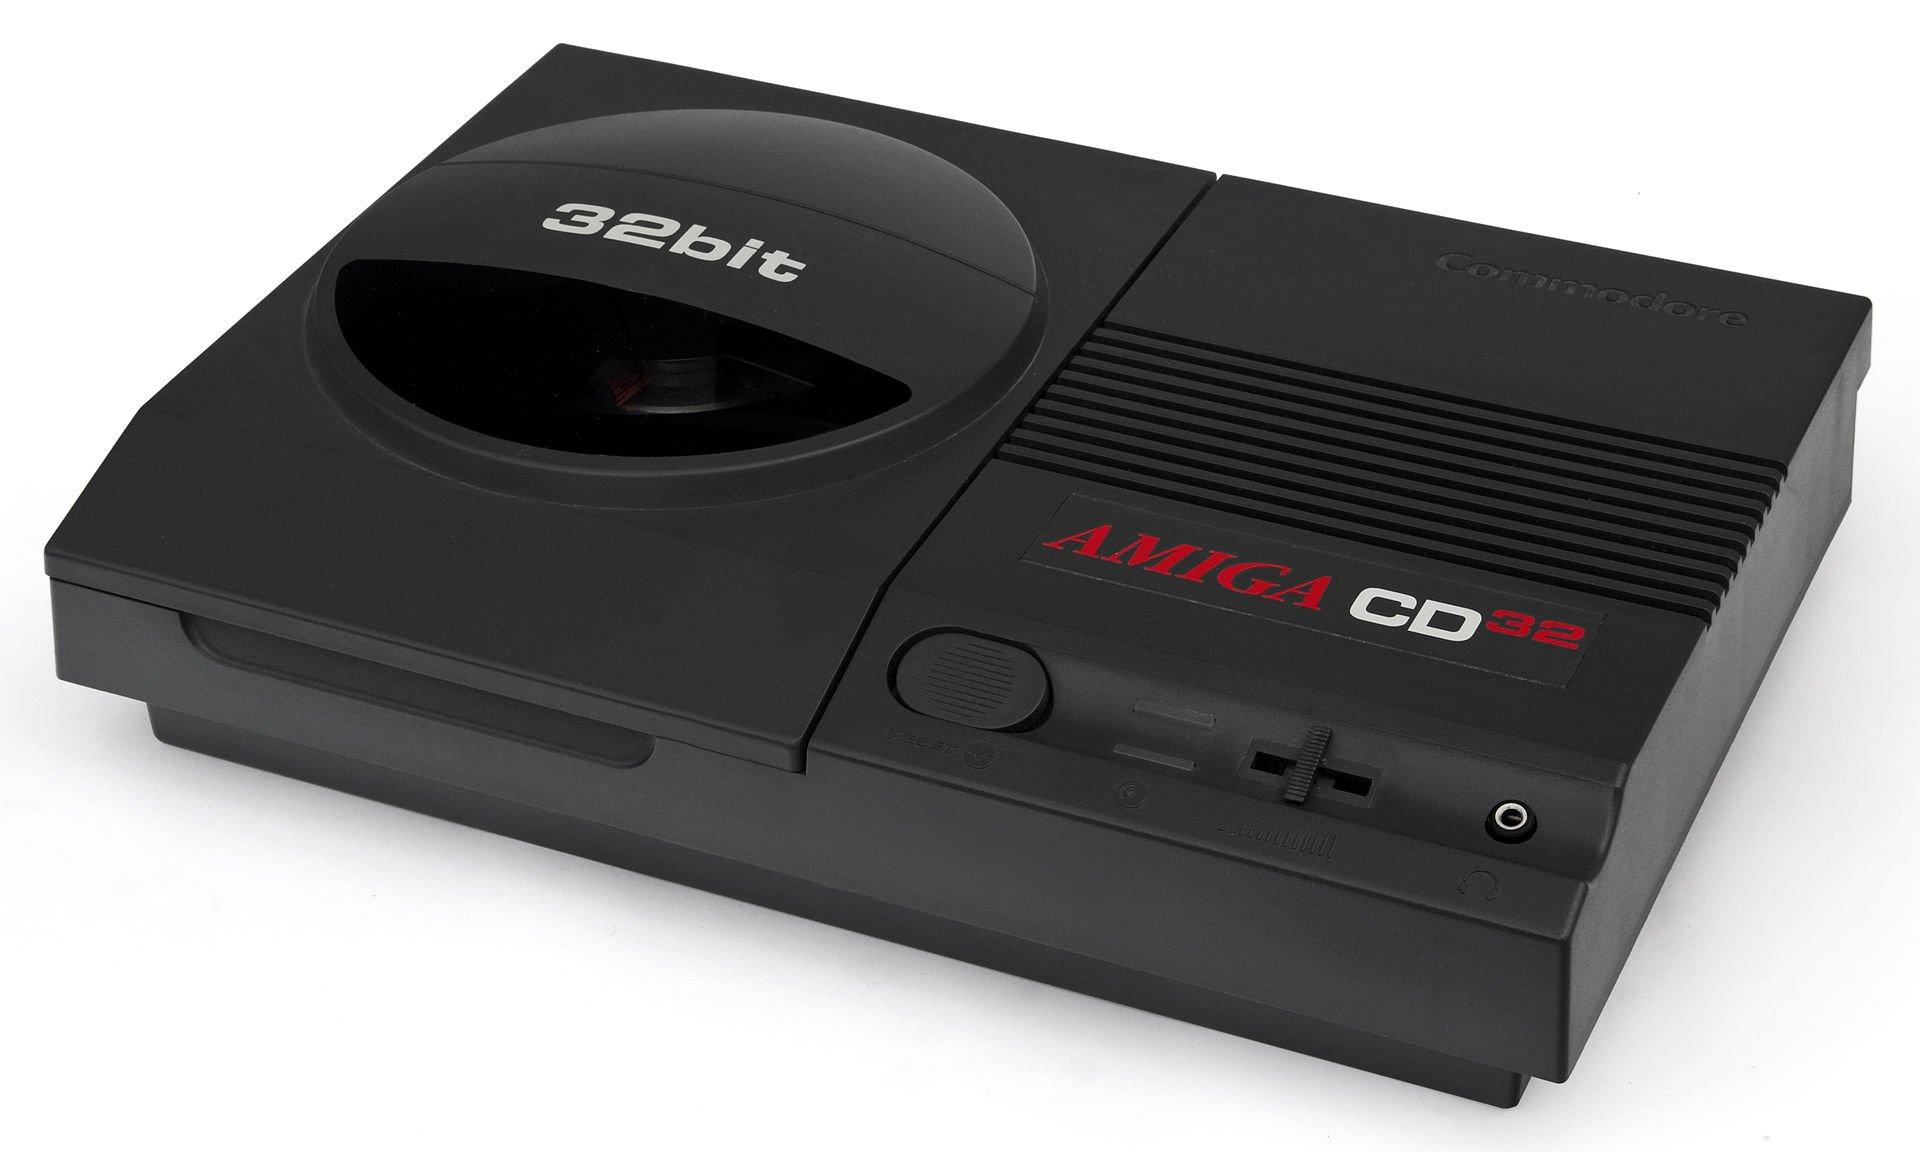 Projekt Hermes – Rozszerzenie CD32 do Amigi 1200